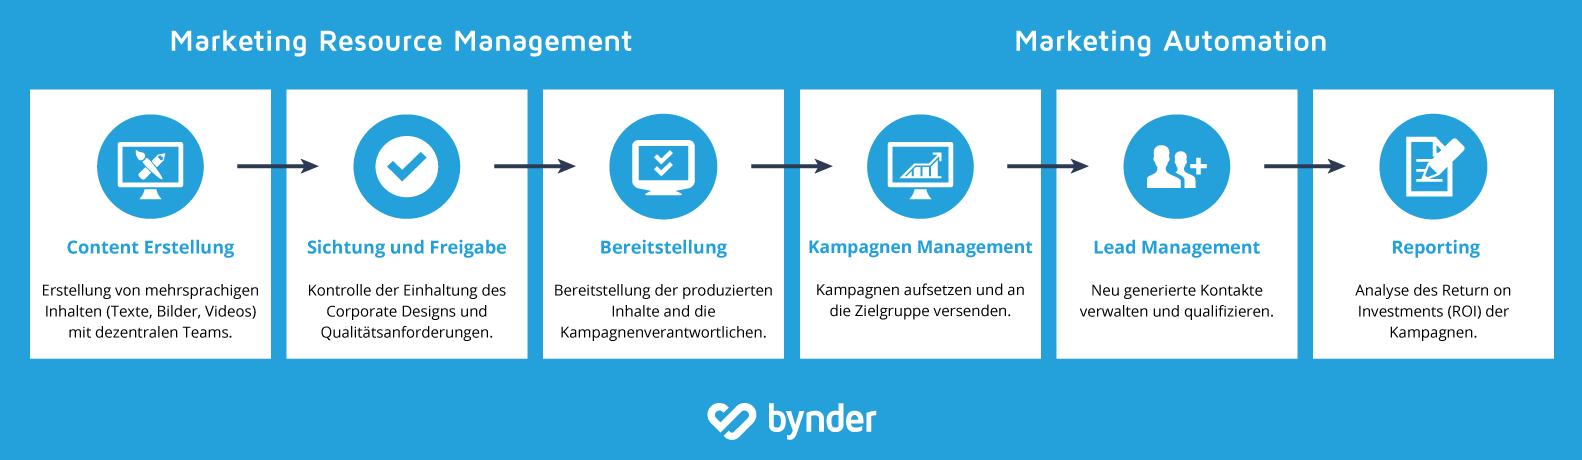 Warum marketing resource management ihr marketing automation tool perfektioniert